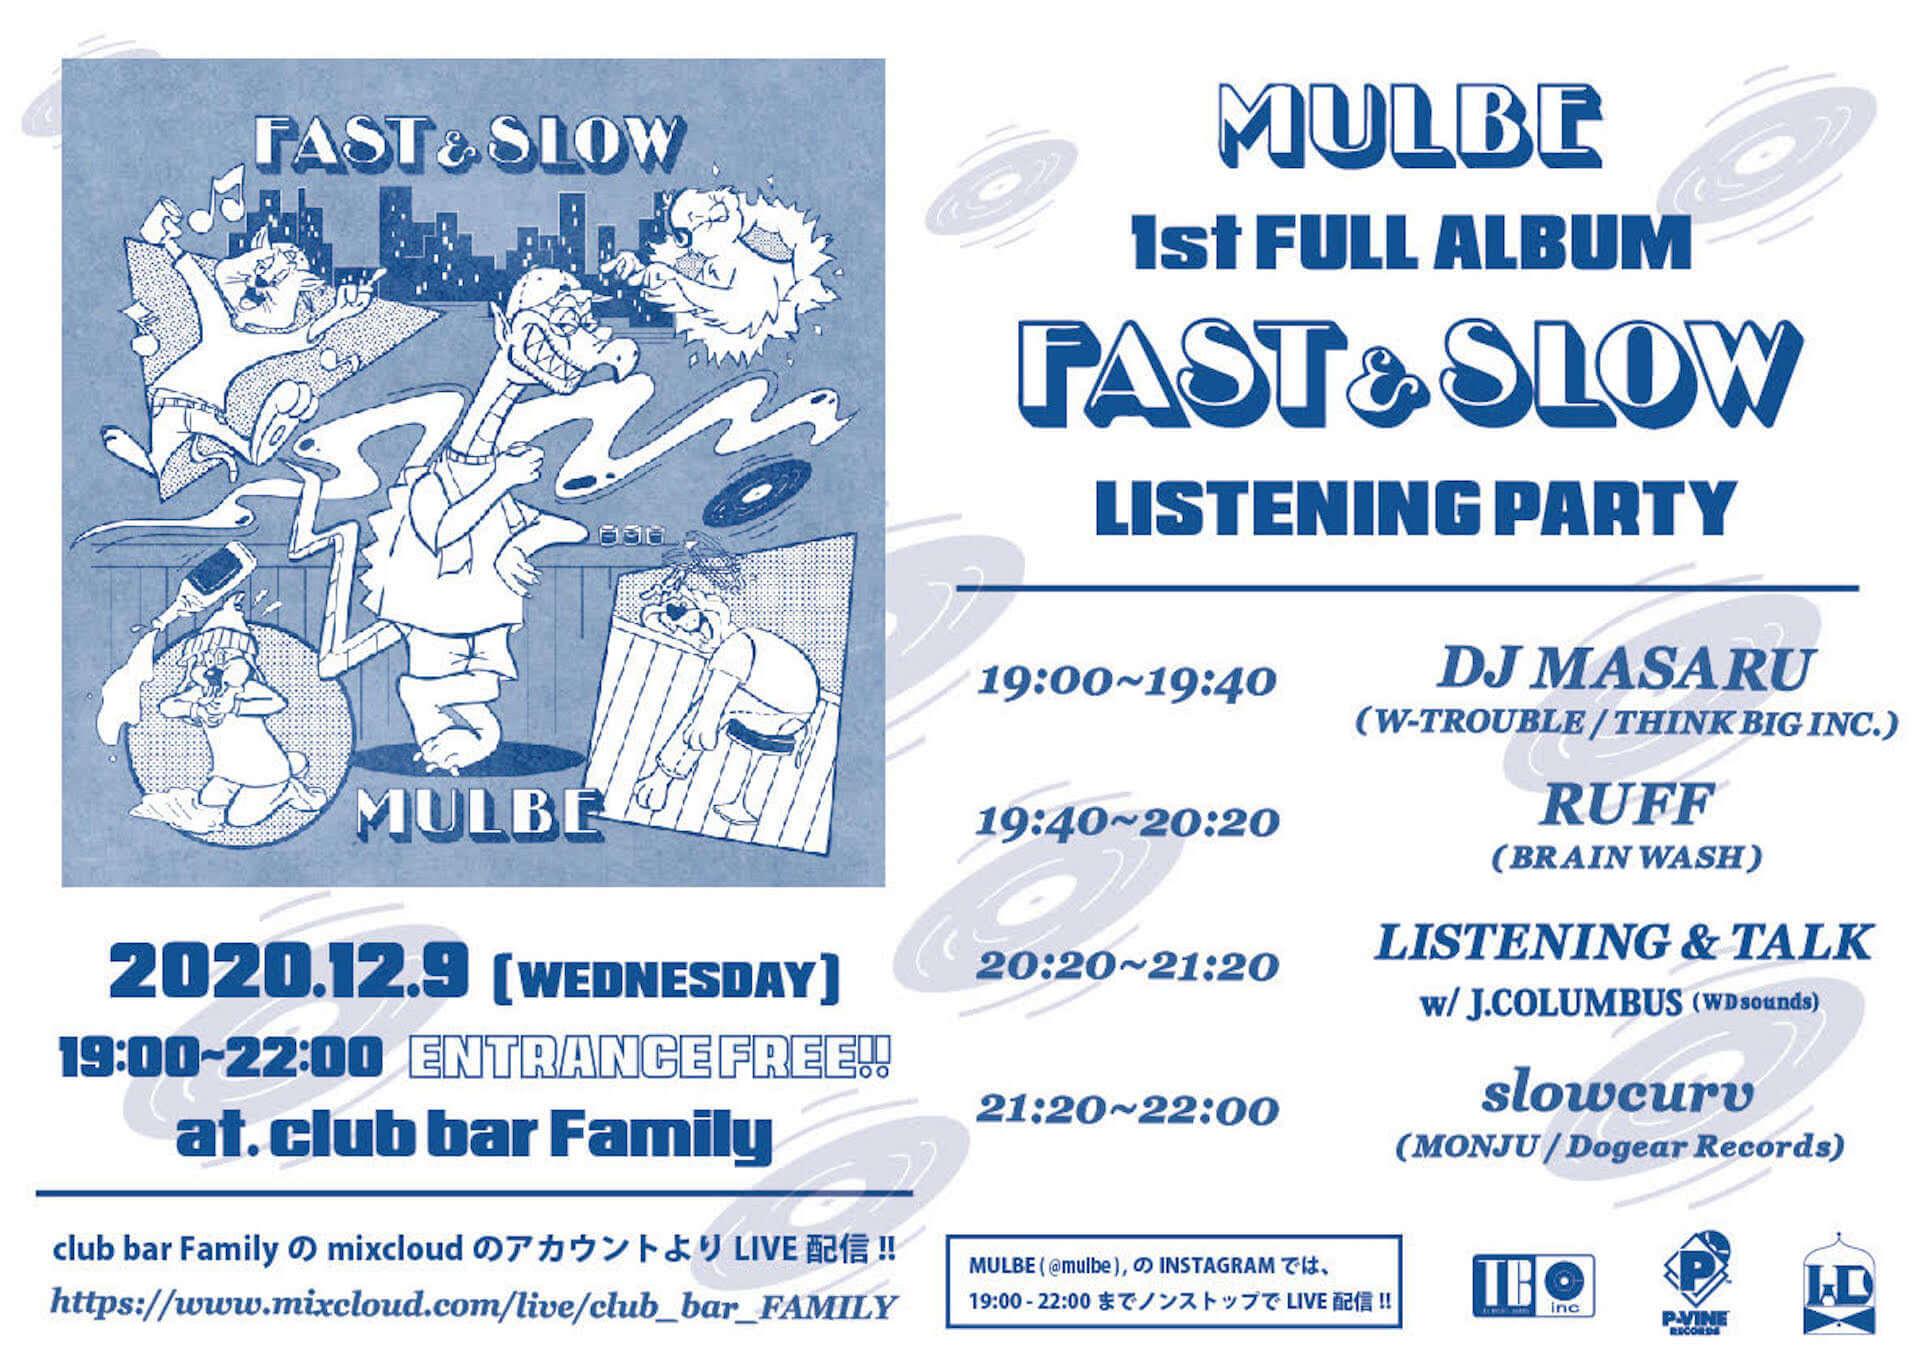 MULBEの1stアルバム『FAST&SLOW』がCD&デジタルでリリース!リスニングパーティーは渋谷club bar FAMILYにて本日開催 music201209_mulbe_4-1920x1356